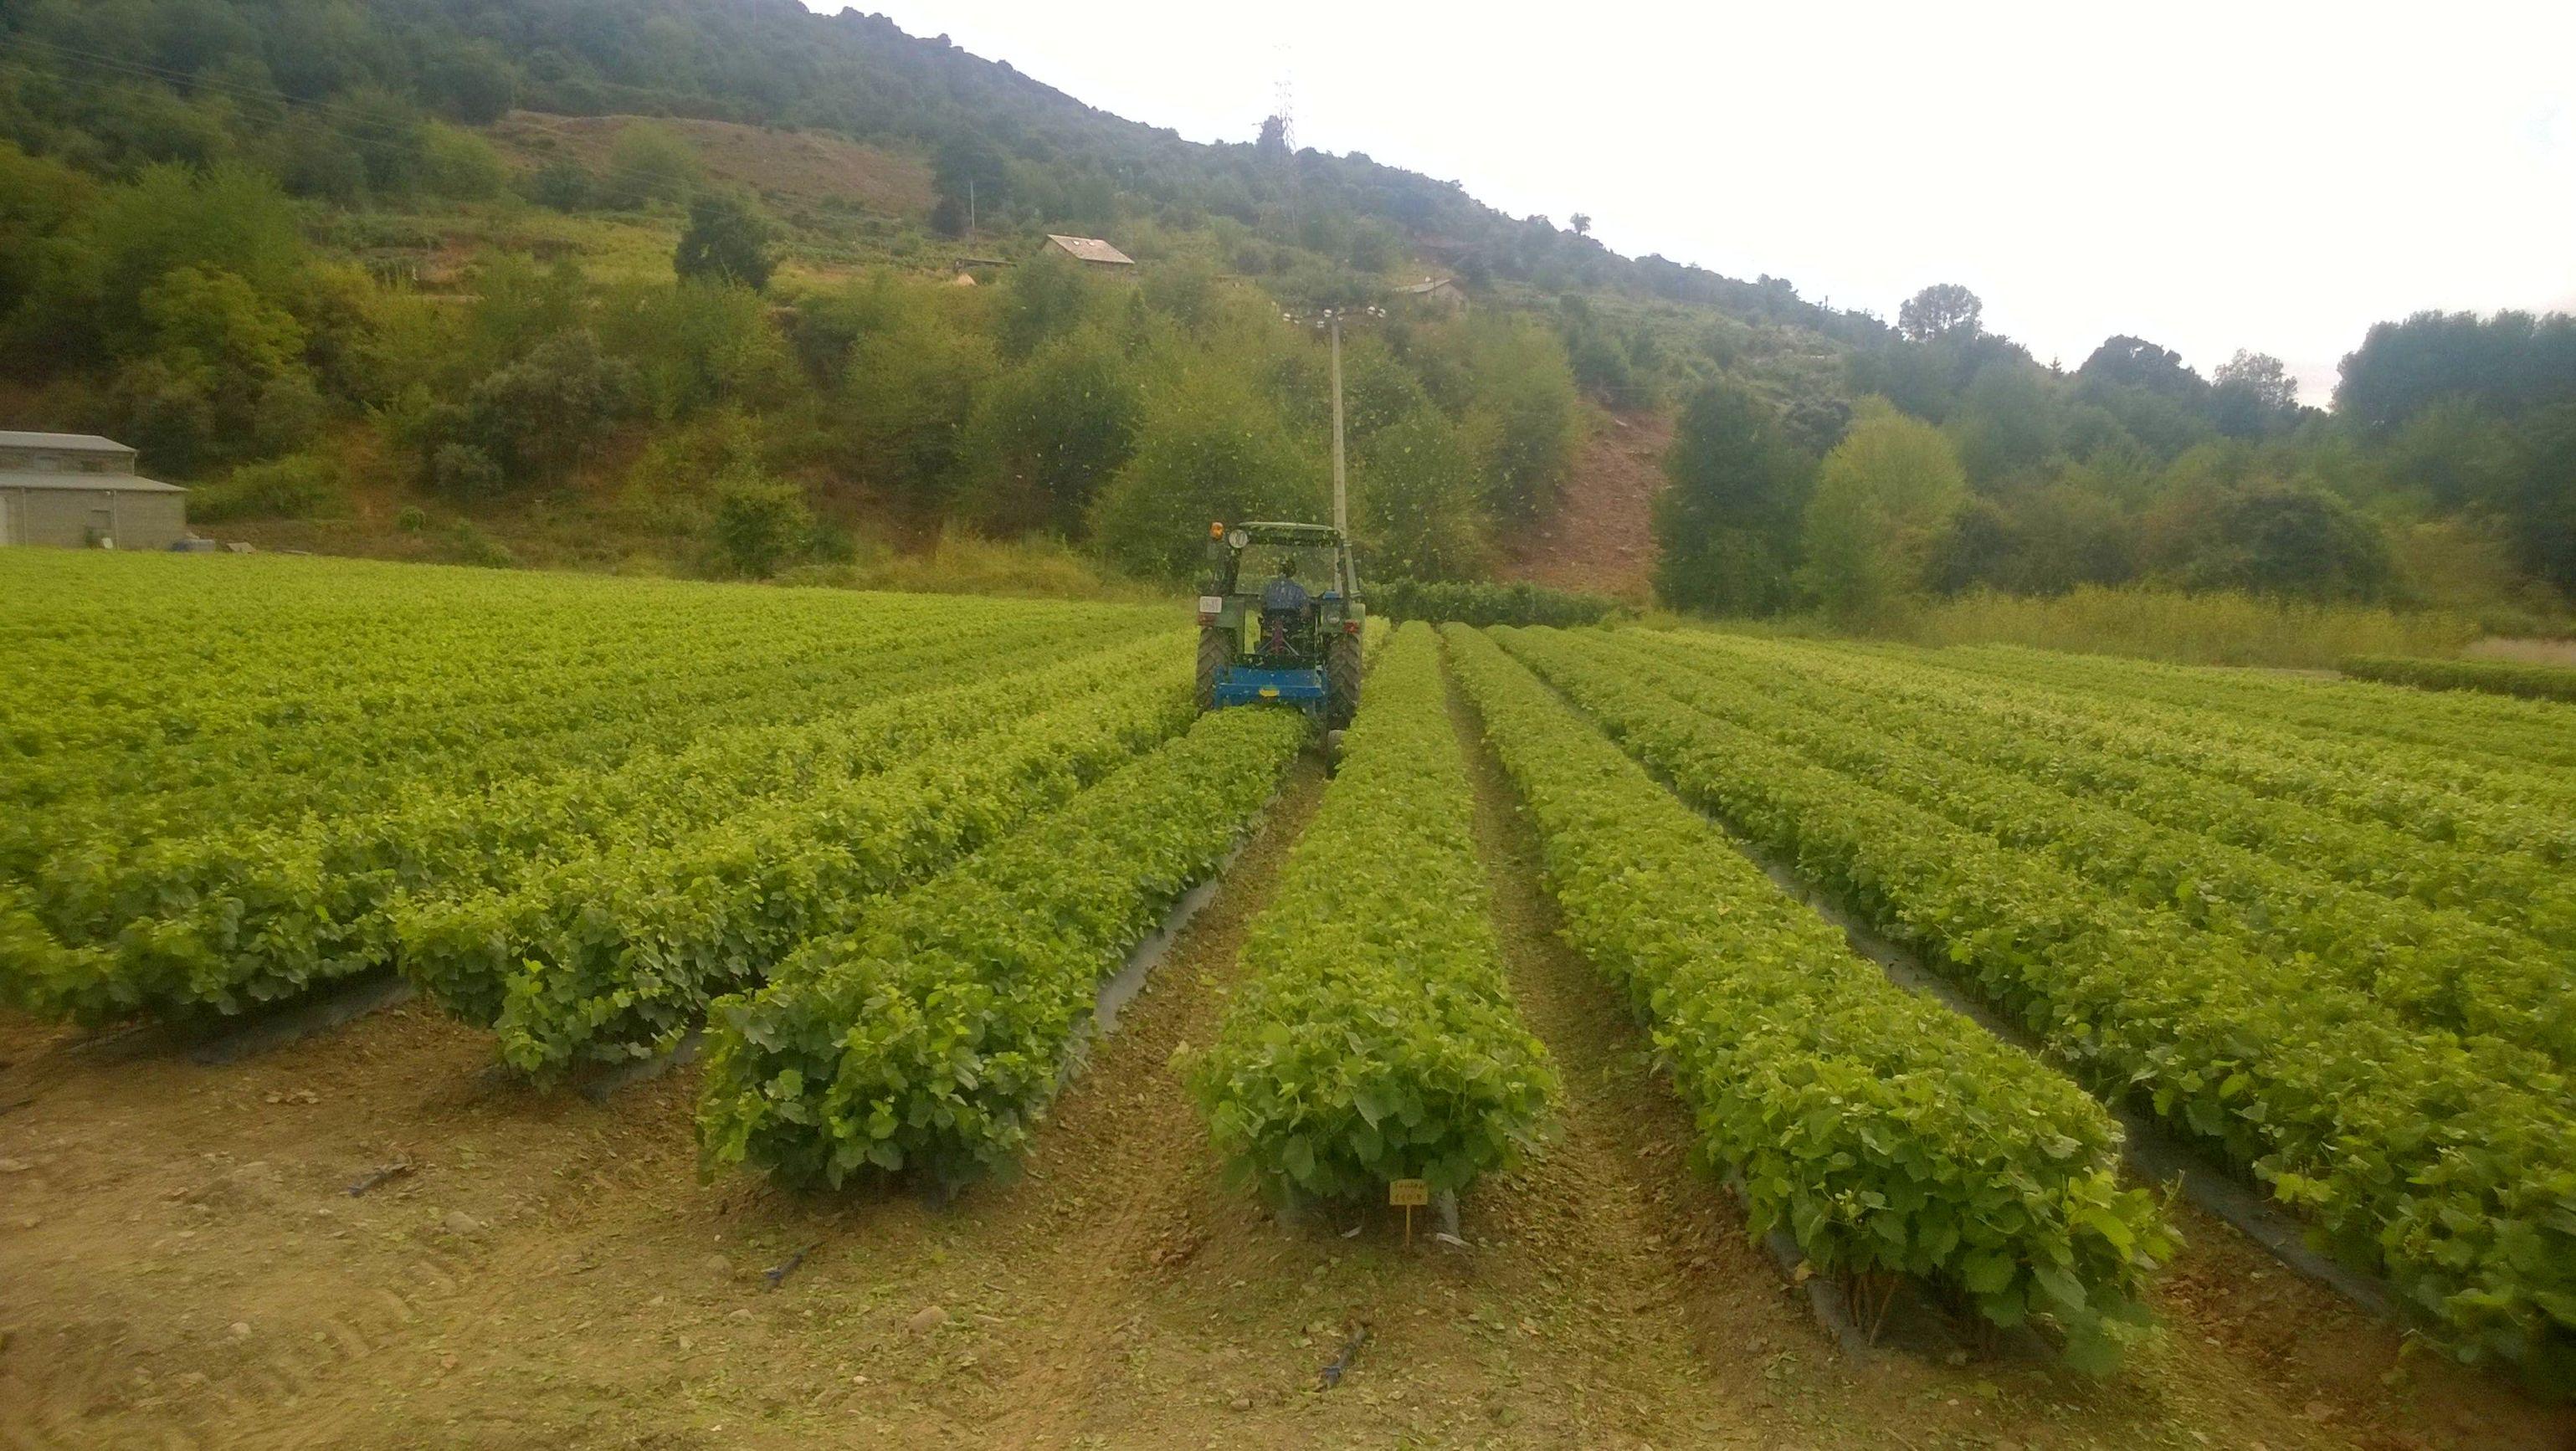 Máquina de despunte para controlar la vegetación de las plantas